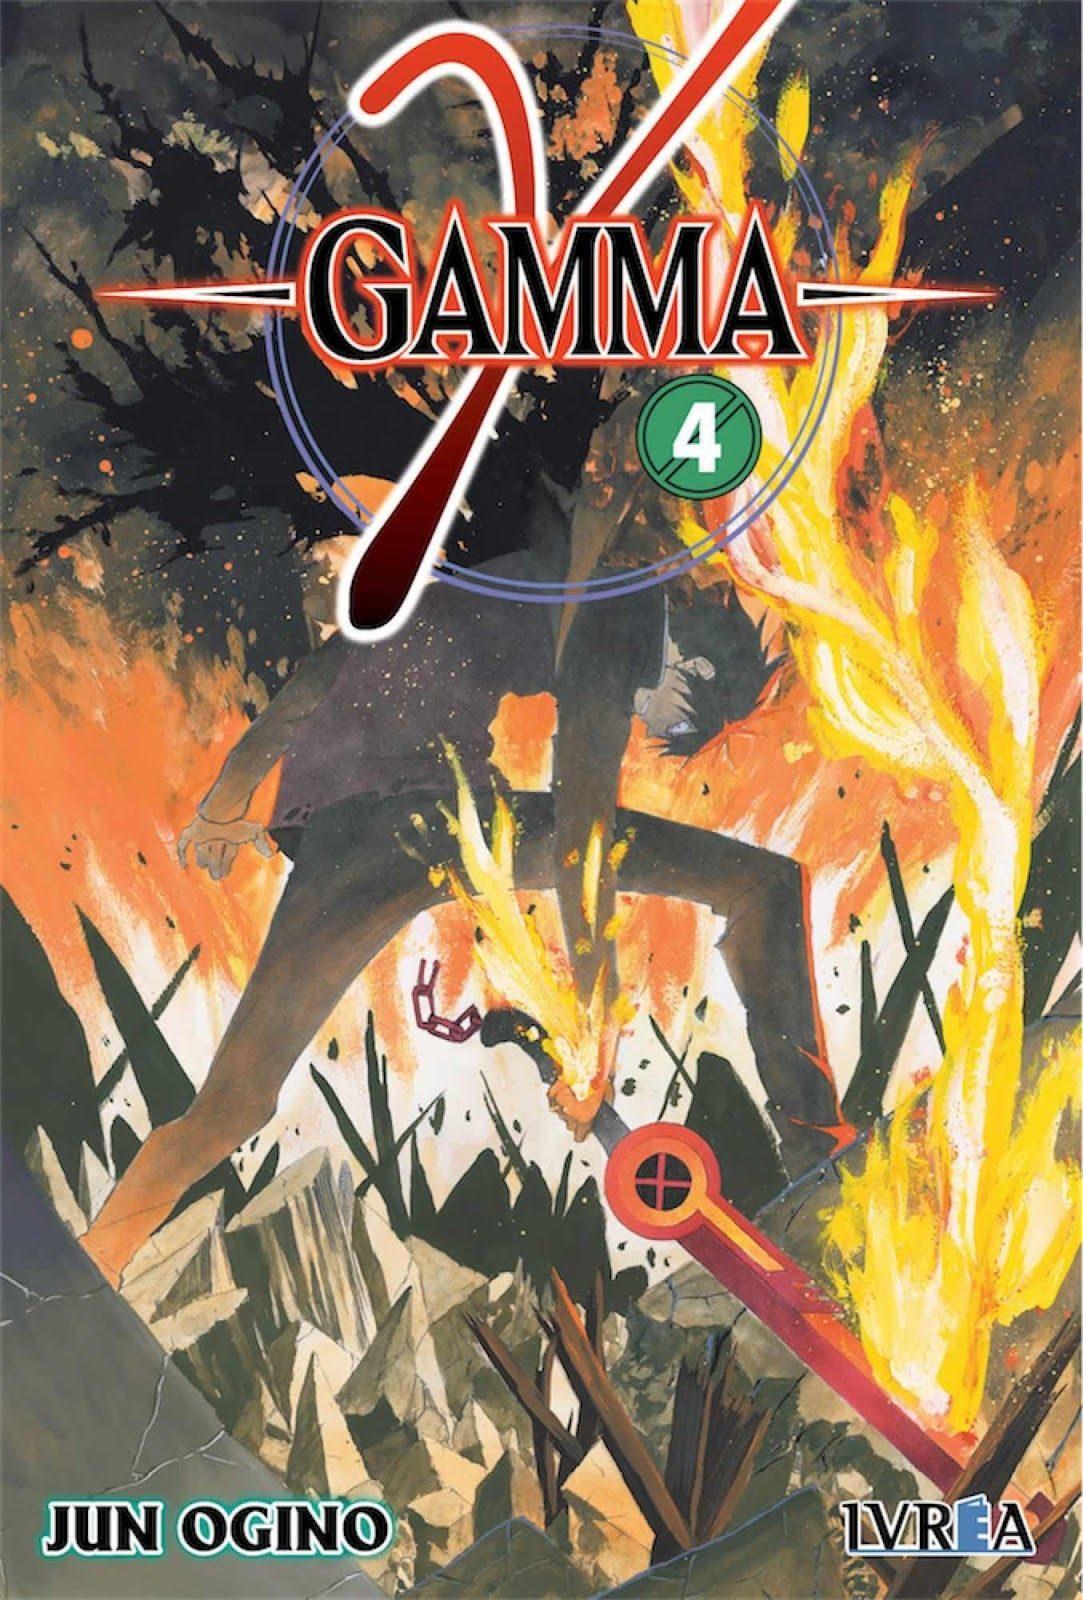 Gamma Nº 4 por Jun Ogino